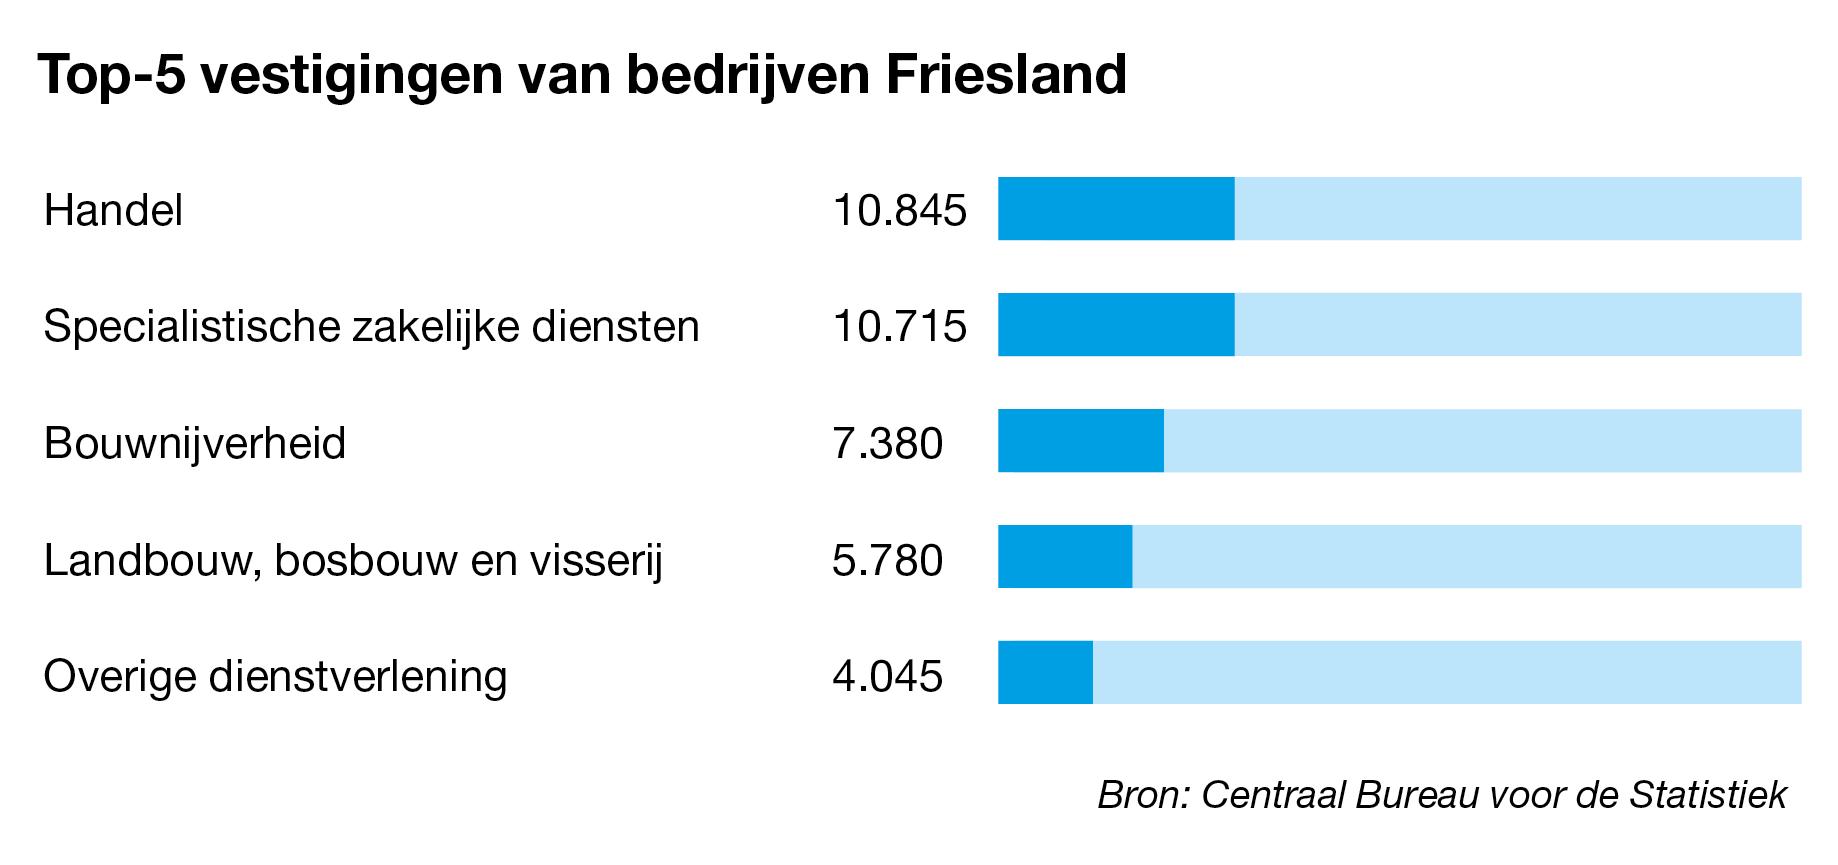 Bedrijven te koop in Friesland